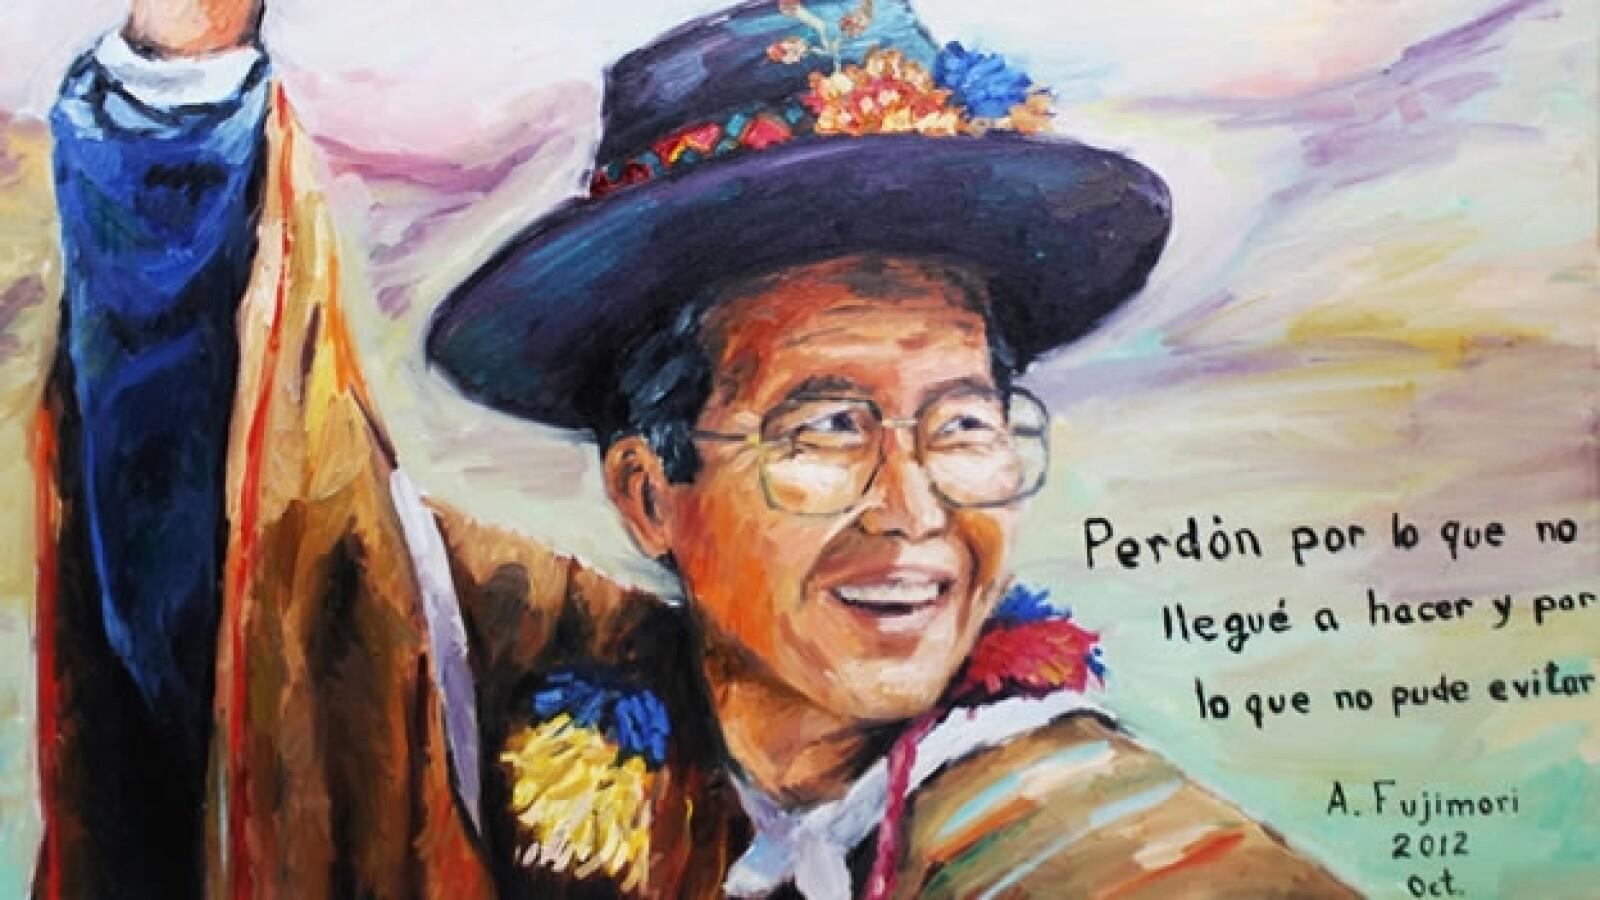 Alberto Fujimori pide perdón en un autorretrato